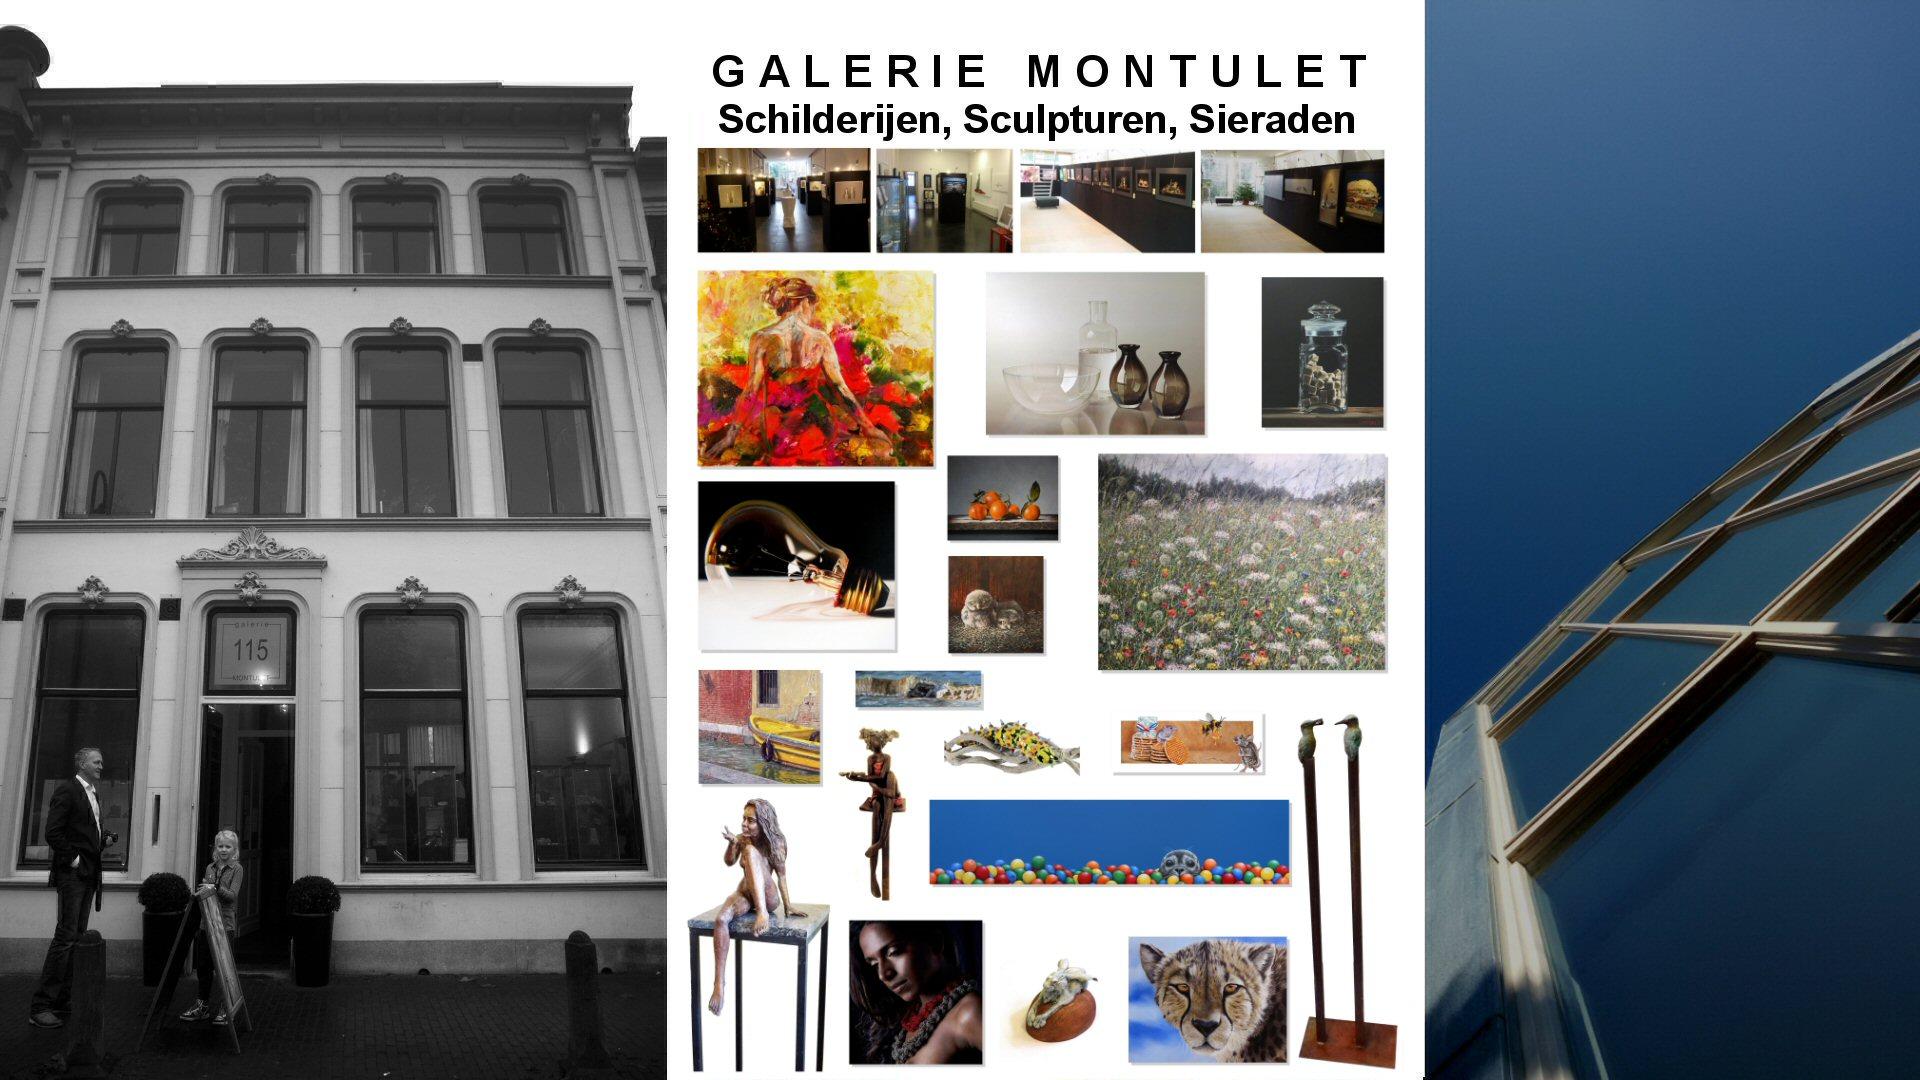 Galerie Montulet-voorpagina-februari-2017